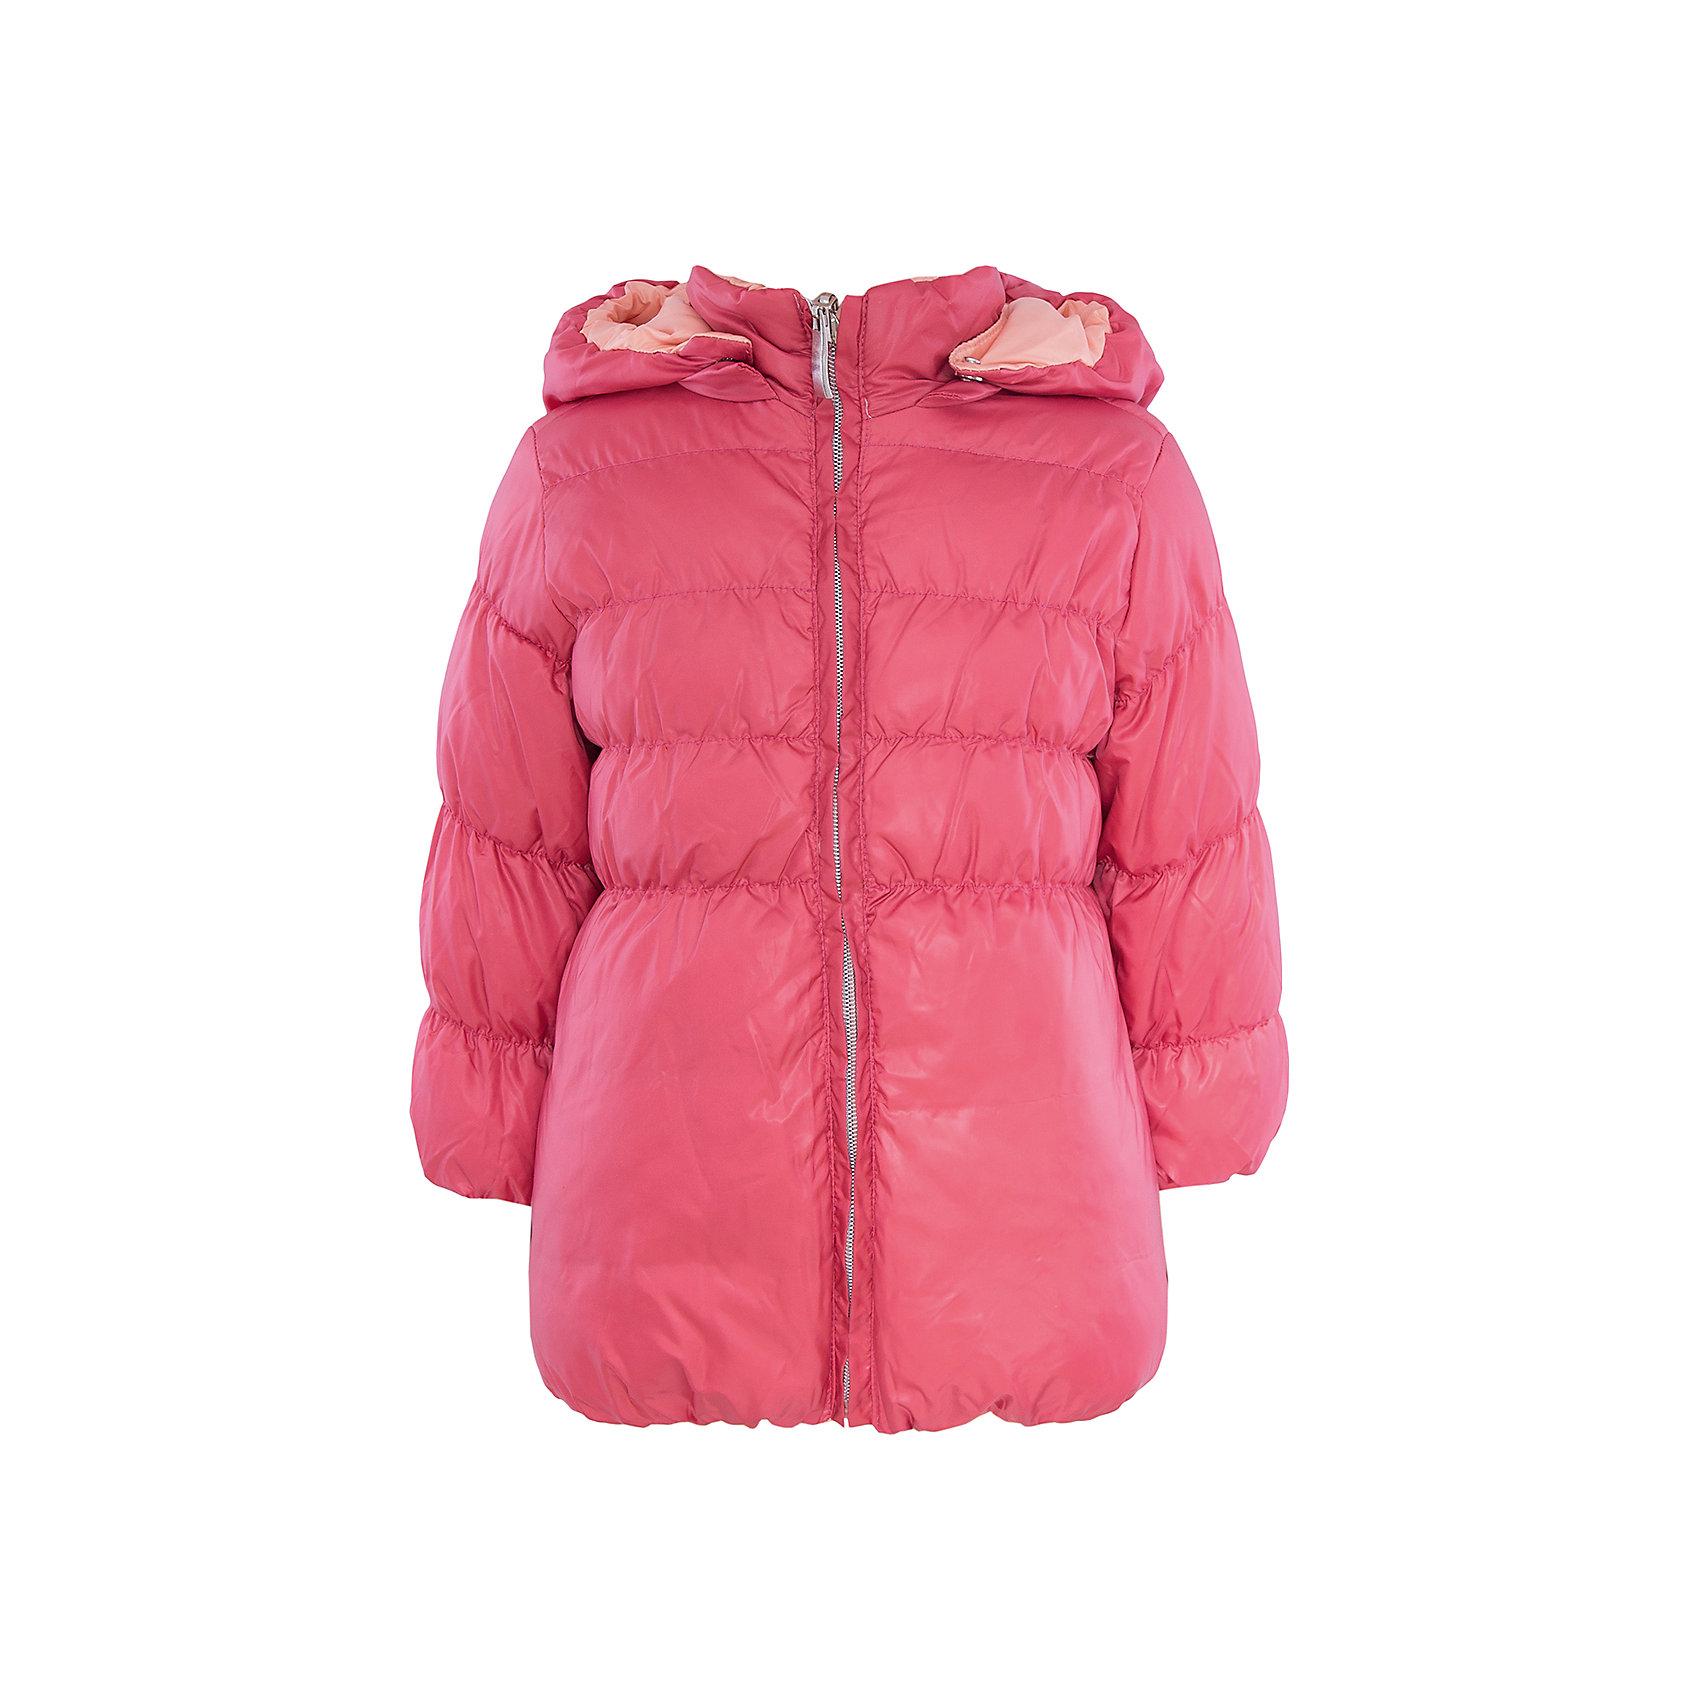 Куртка  CHICCO для девочкиКуртка CHICCO для девочки<br><br>Характеристики:<br><br>Фактура материала: стеганый трикотаж<br>Вид застежки: молния<br>Силуэт: приталенный<br>Длина рукава: длинные<br>Тип карманов: без карманов<br><br>Состав: 100% полиэстер<br><br>Куртку CHICCO для девочки можно купить в нашем интернет-магазине.<br><br>Ширина мм: 356<br>Глубина мм: 10<br>Высота мм: 245<br>Вес г: 519<br>Цвет: красный<br>Возраст от месяцев: 84<br>Возраст до месяцев: 96<br>Пол: Женский<br>Возраст: Детский<br>Размер: 128,92,98,104,110,116,122<br>SKU: 5079429